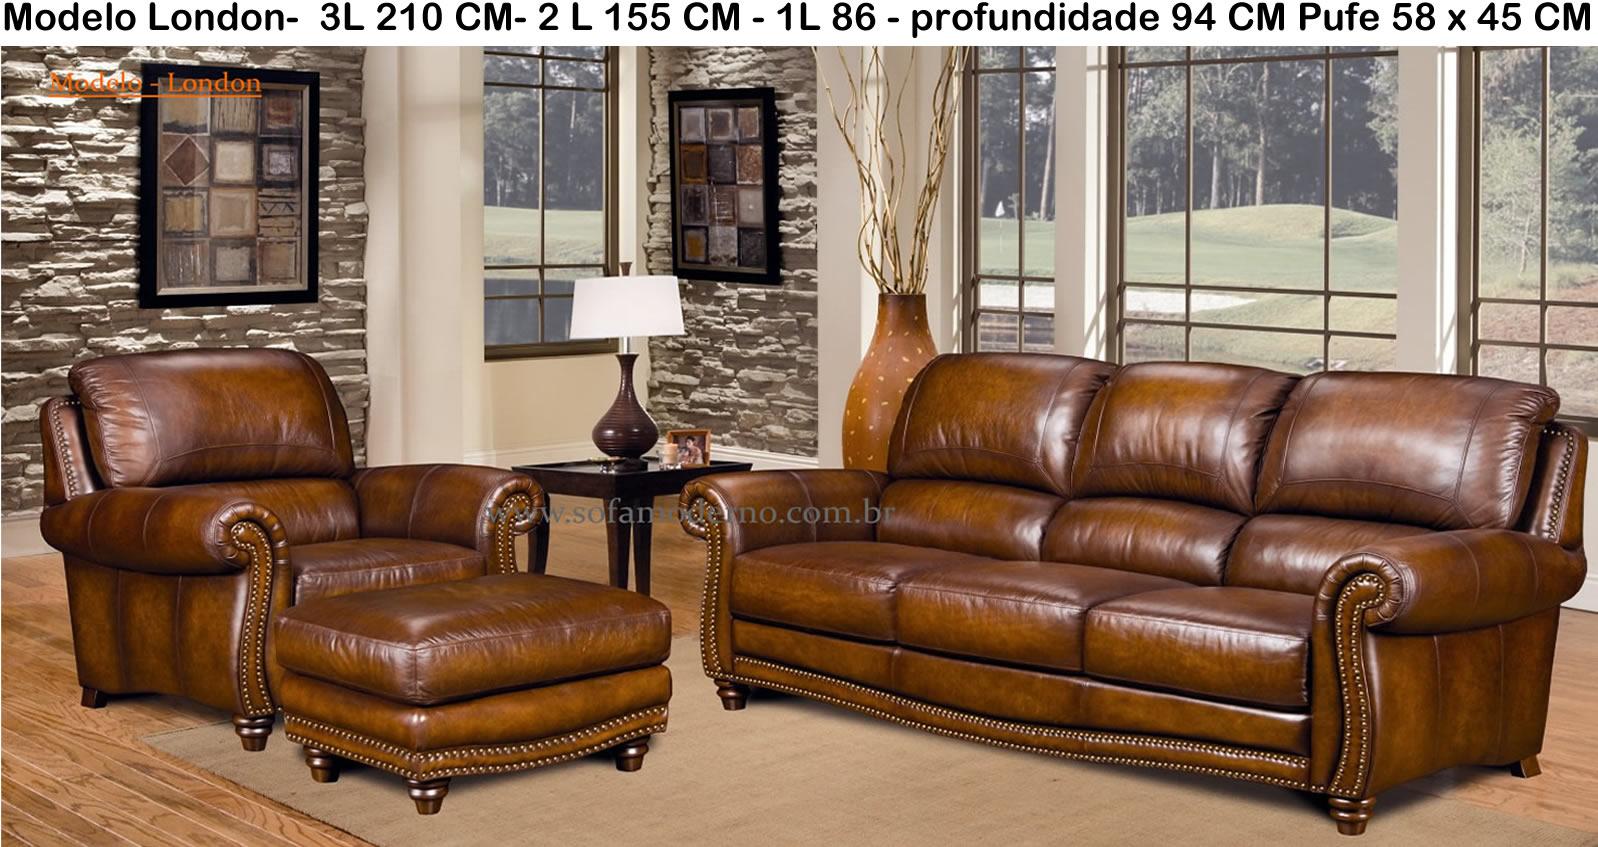 Sofá de Couro - Conforto e Beleza - sofamoderno.com.br